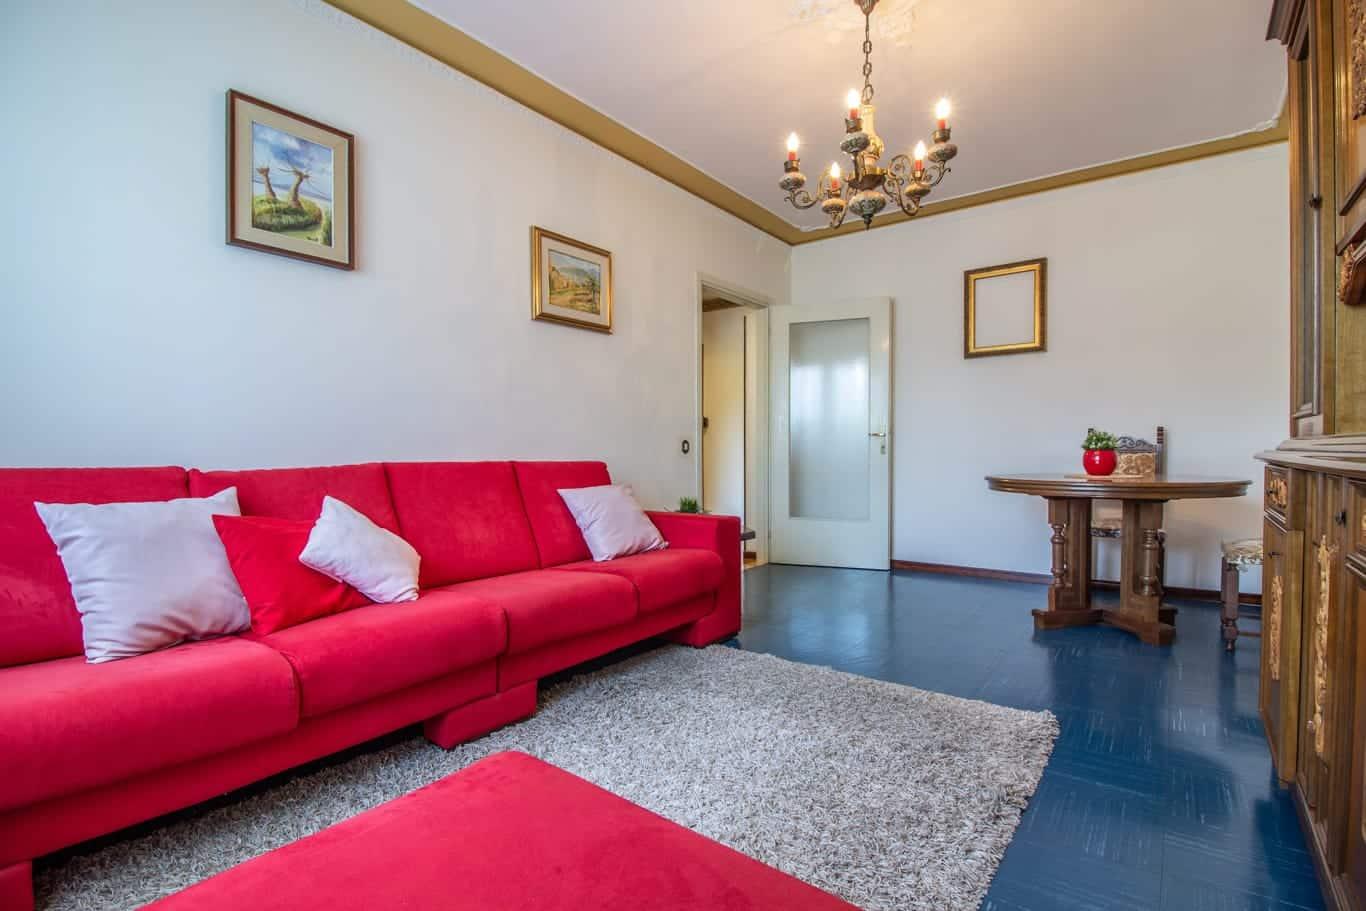 homelead immobiliare vendesi quadrilocale a pordenone (1 of 8)